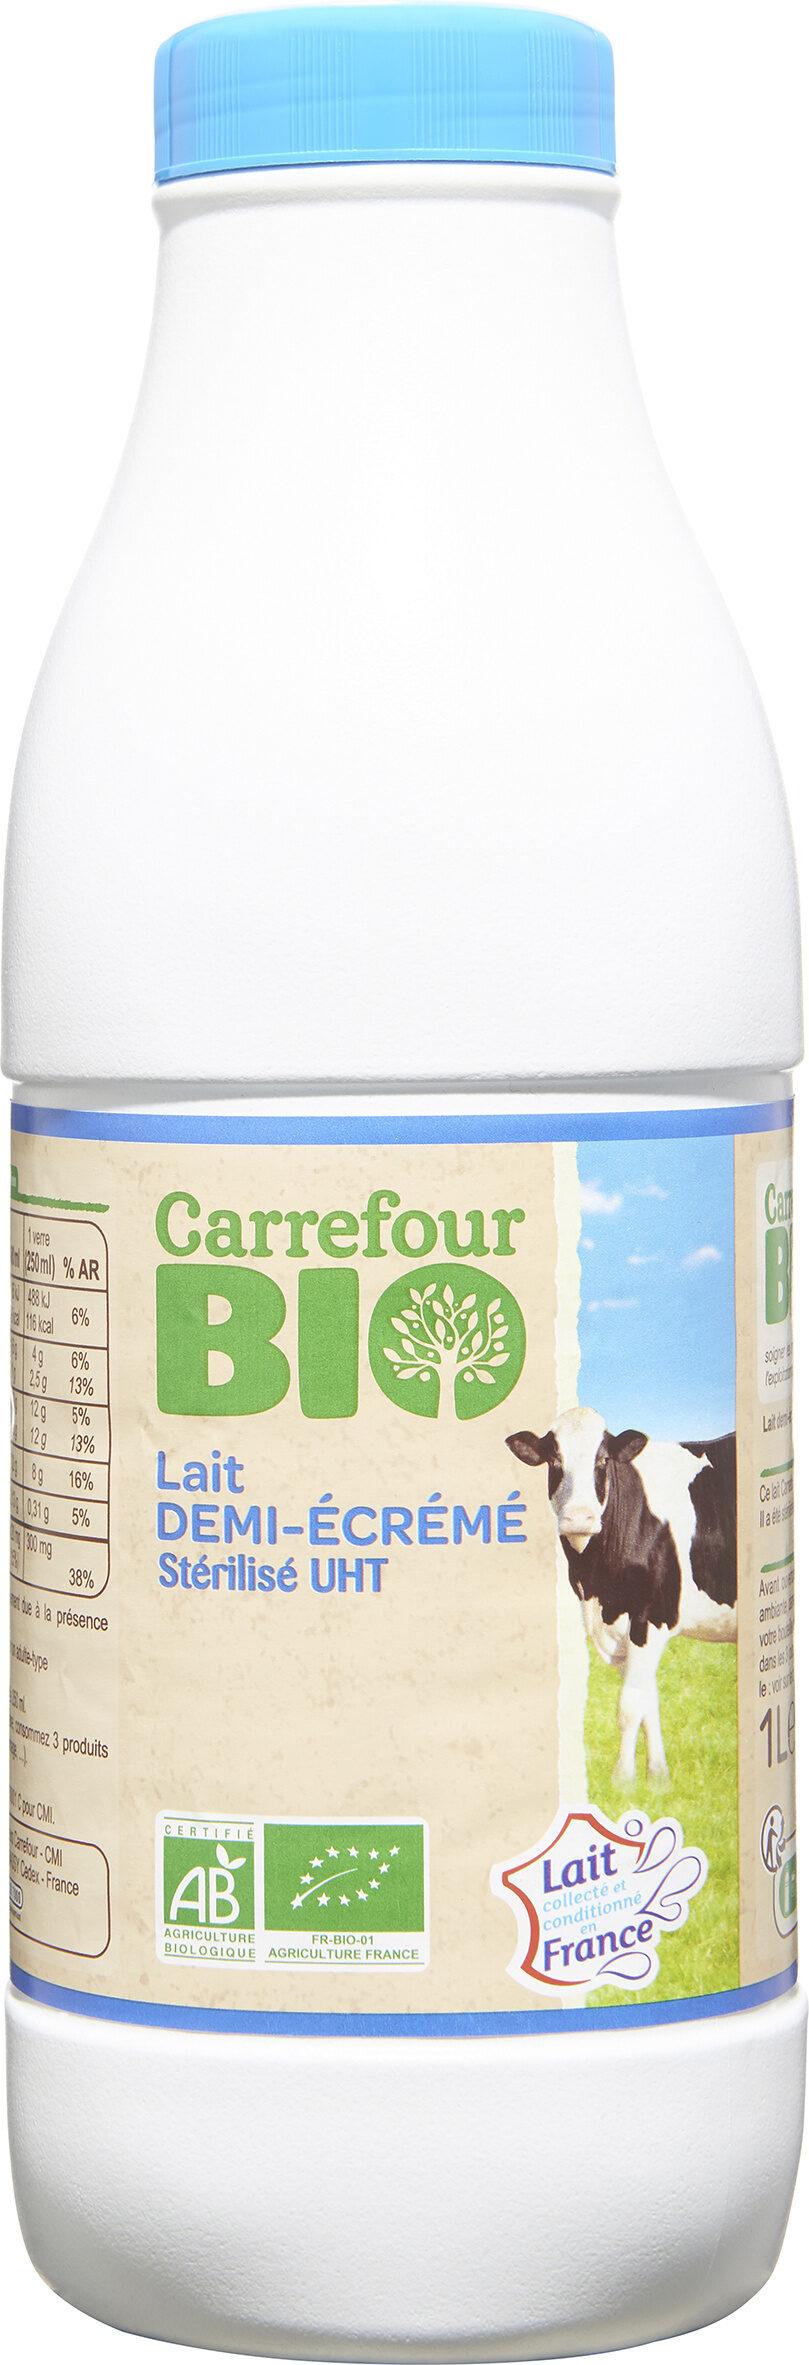 Lait demi-écrémé Stérilisé UHT - Product - fr